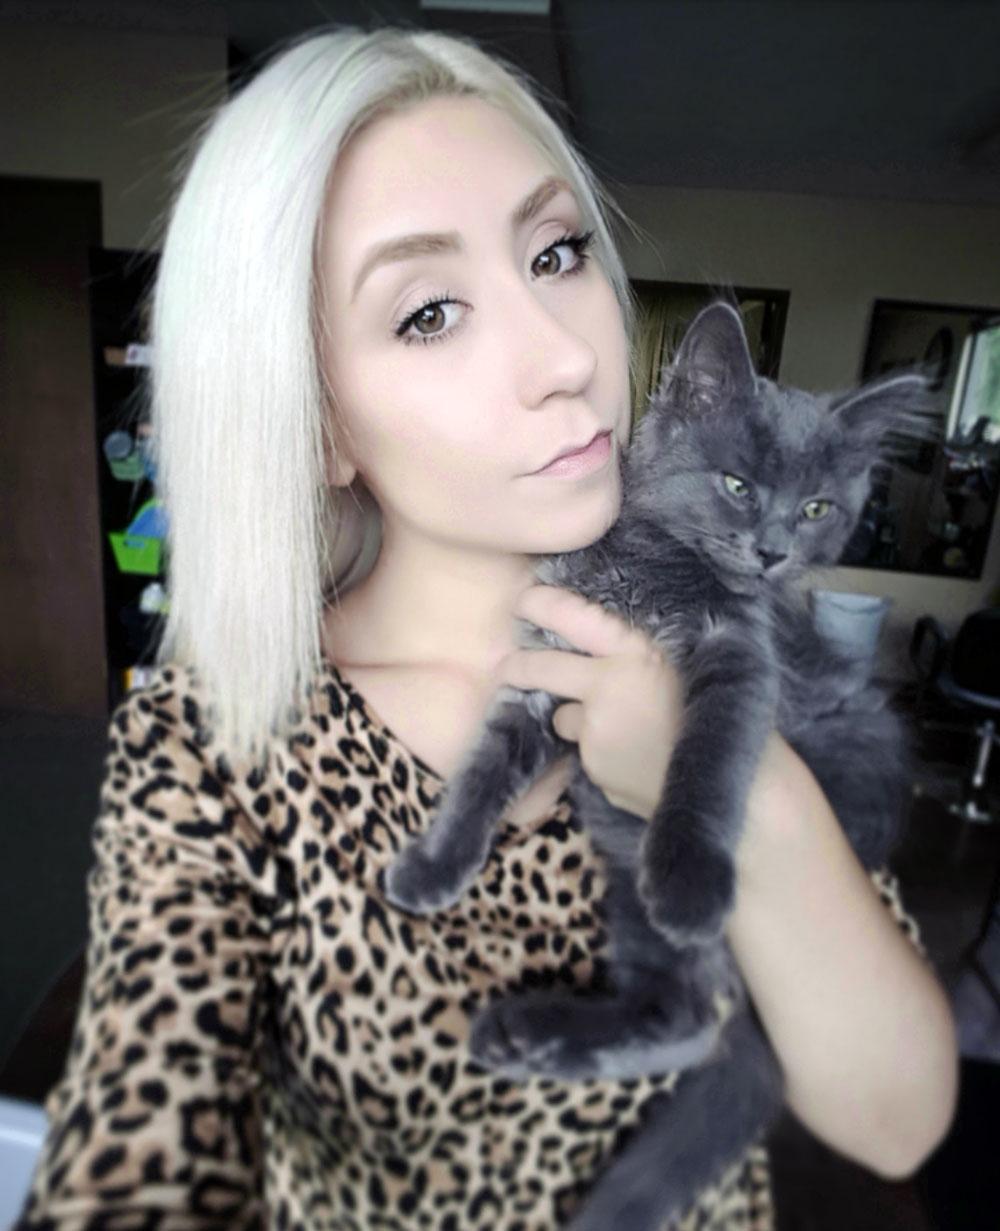 Tess holding kitten Gimm up near her face